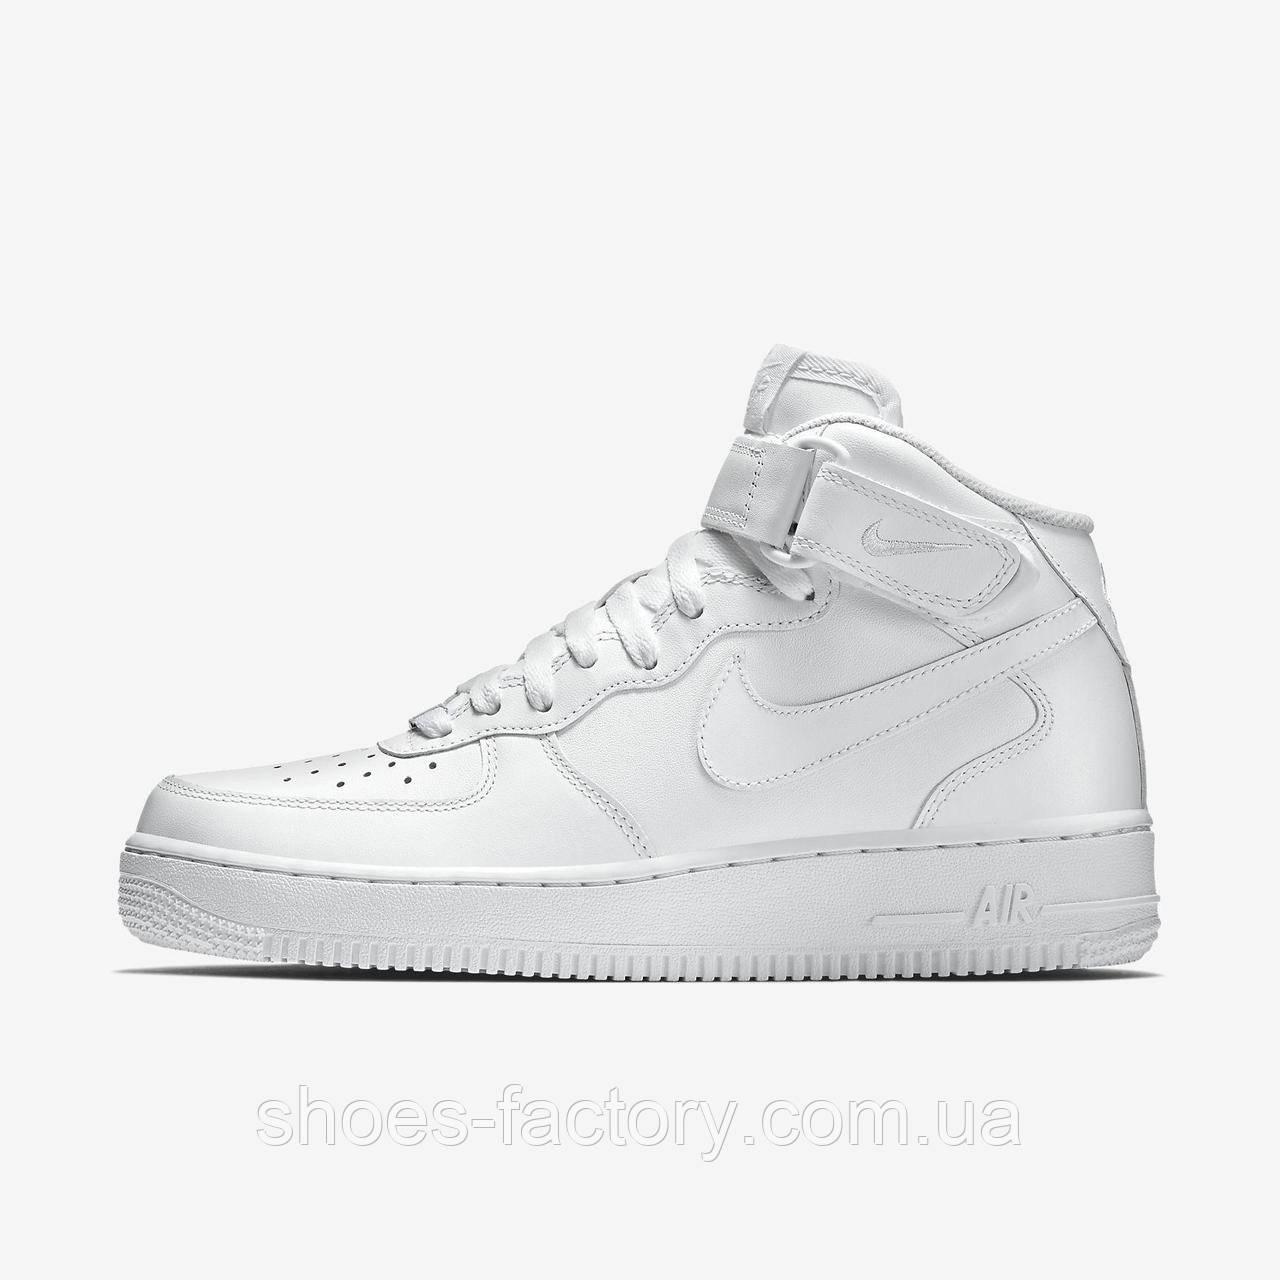 Белые мужские кроссовки в стиле Nike Air Force 1 Mid, White